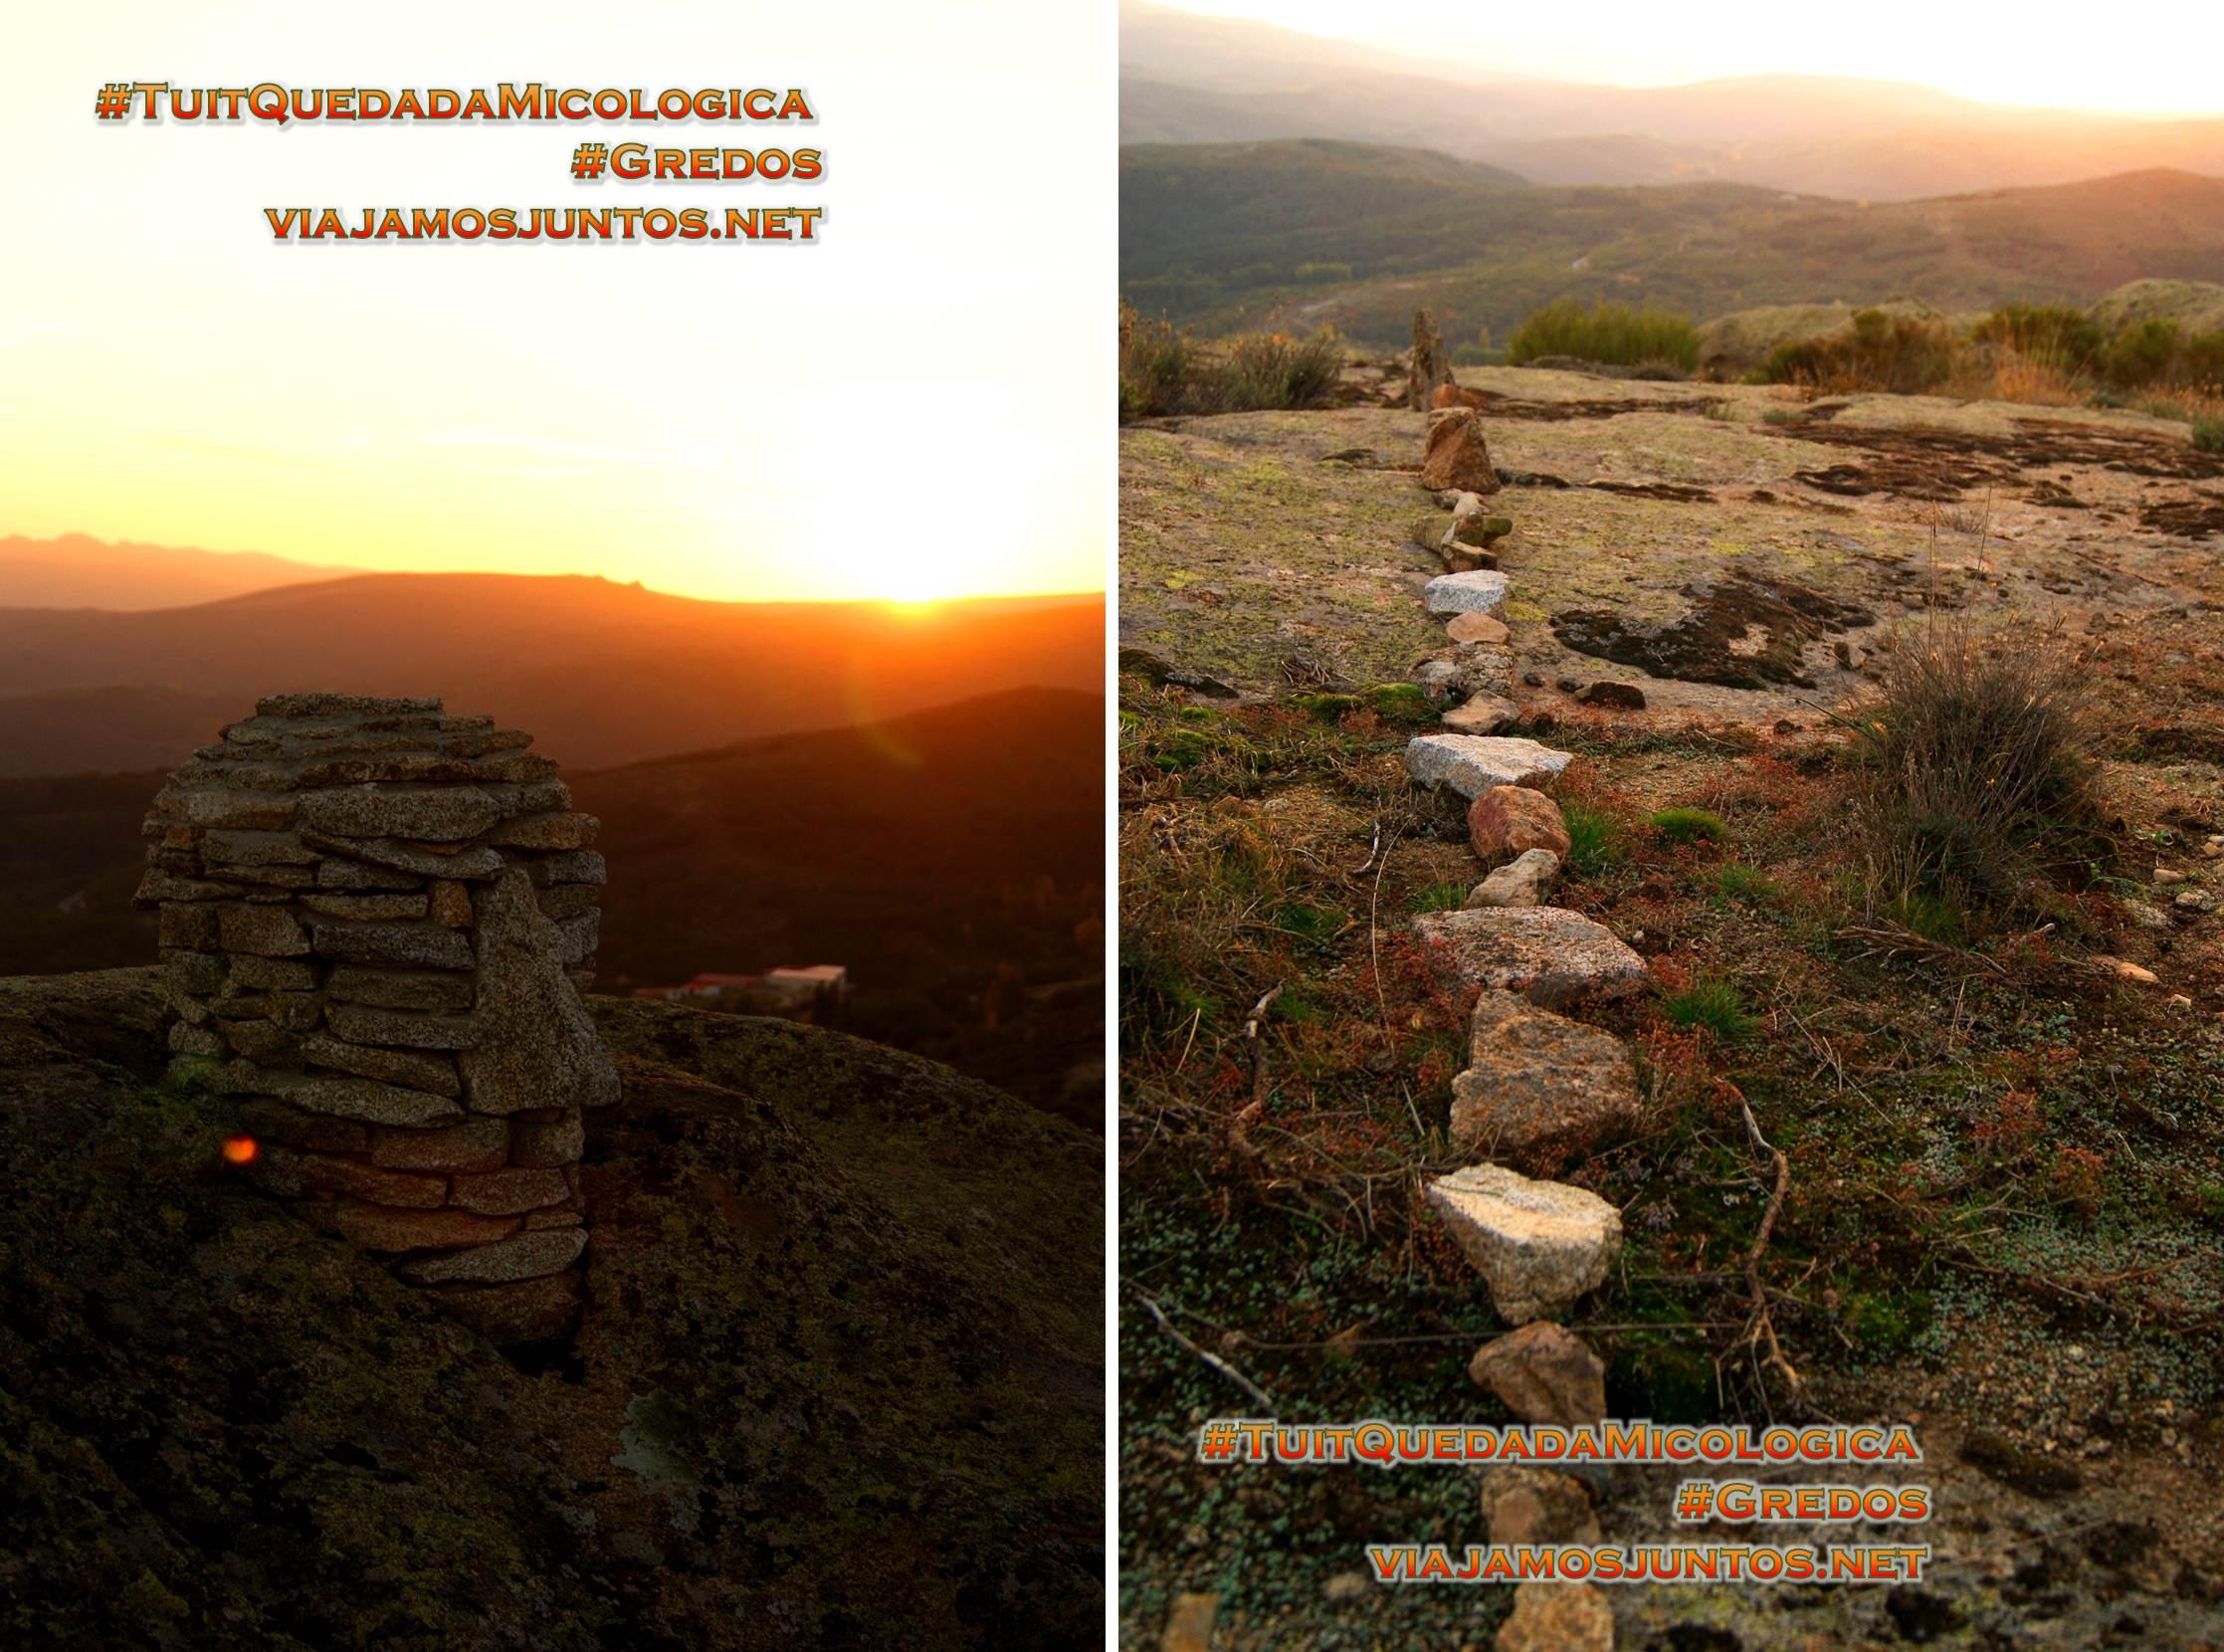 Arte anónimo en el Cerro Gallinero, Hoyocasero, Gredos, durante la #TuitQuedadaMicologica